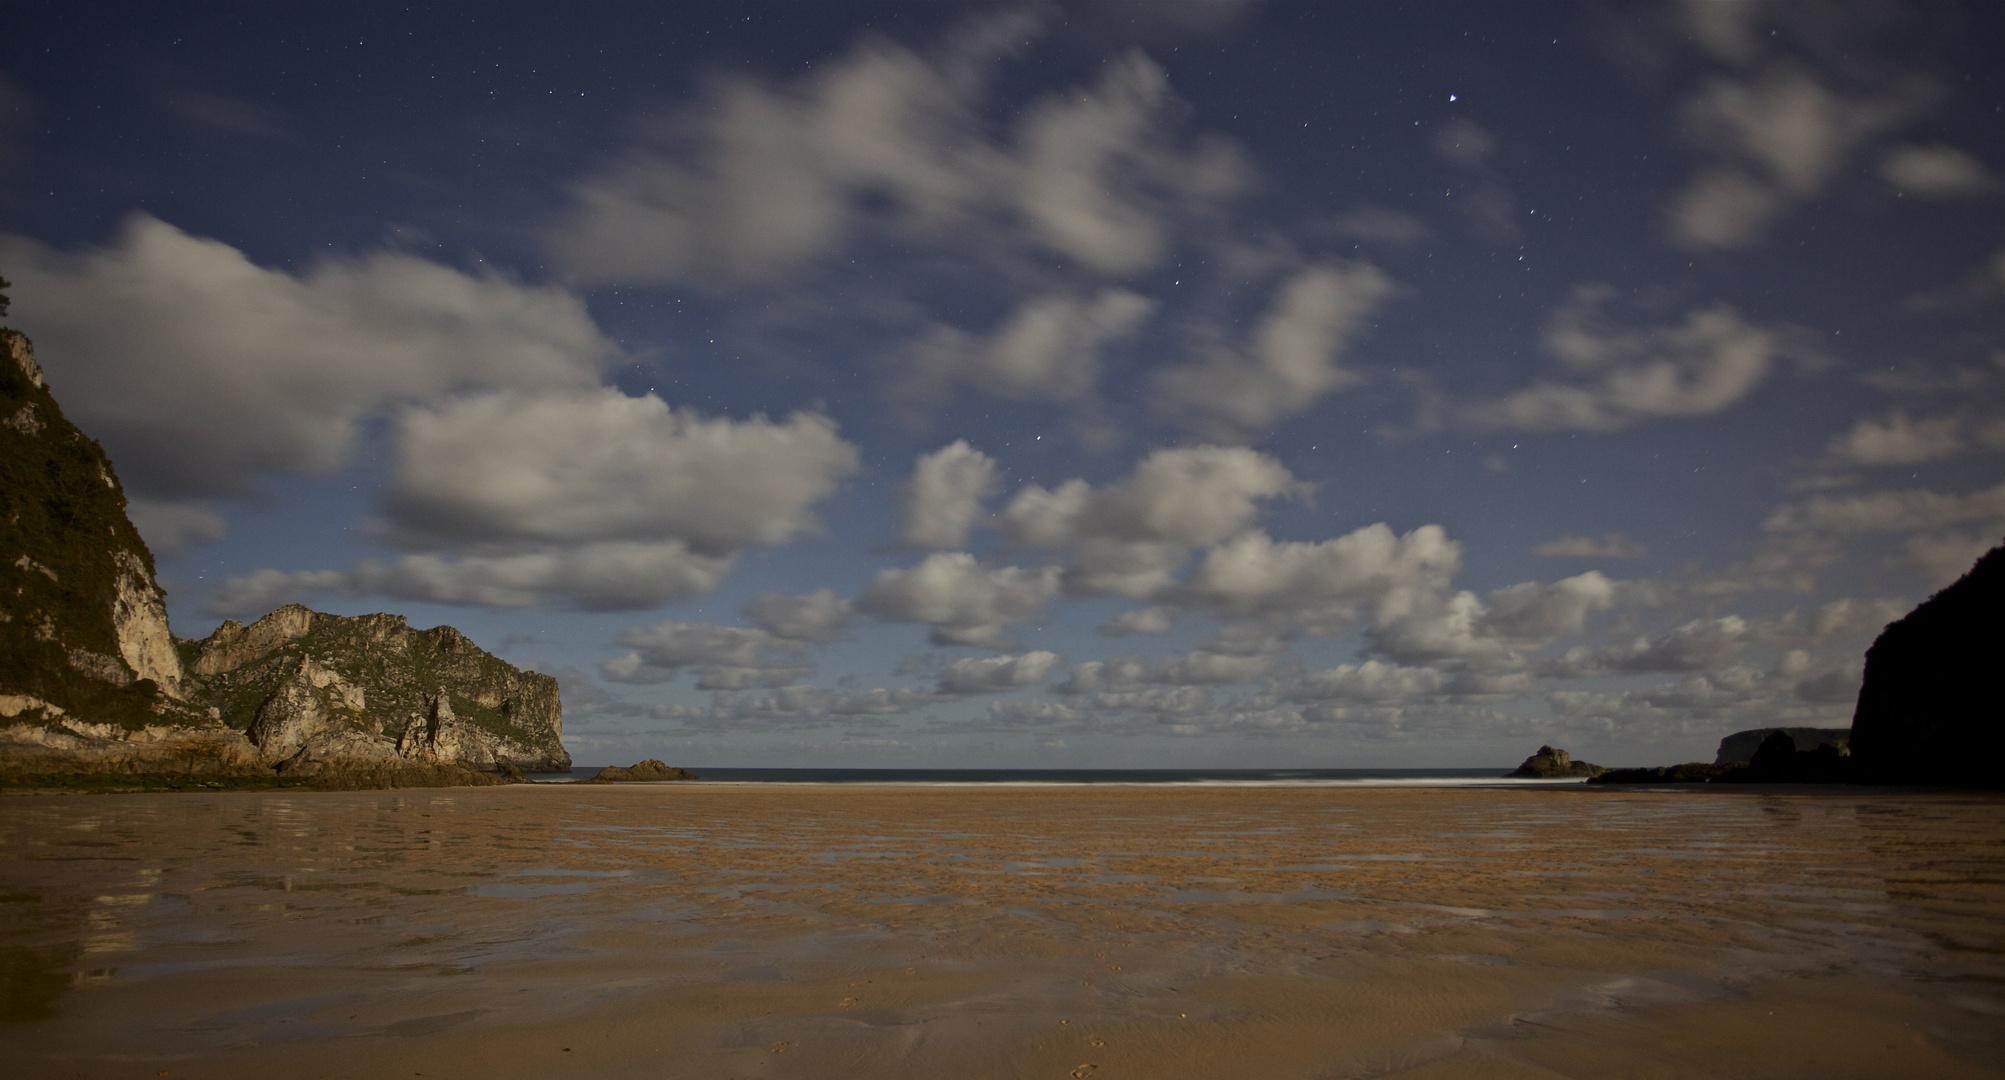 Playa de La franca,nocturna II